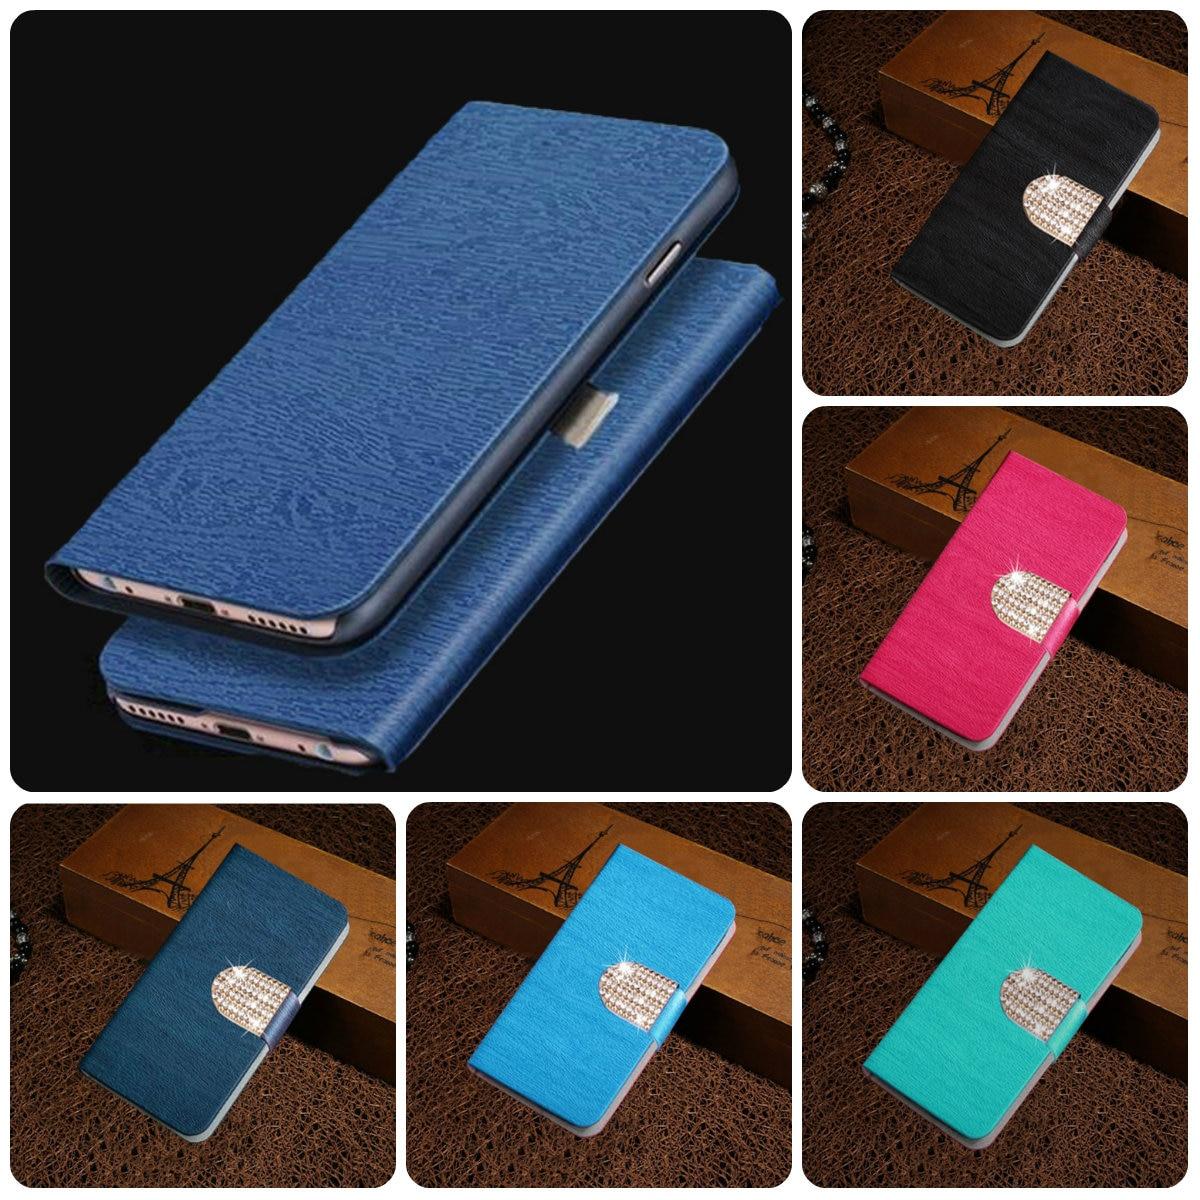 Top Quality Leather PU Flip <font><b>Case</b></font> For Sony Xperia <font><b>Z1</b></font> Mini <font><b>Compact</b></font> D5503 Mobile M51W <font><b>Phone</b></font> <font><b>Cases</b></font> Fashion Wood Stand <font><b>Wallet</b></font> Cover